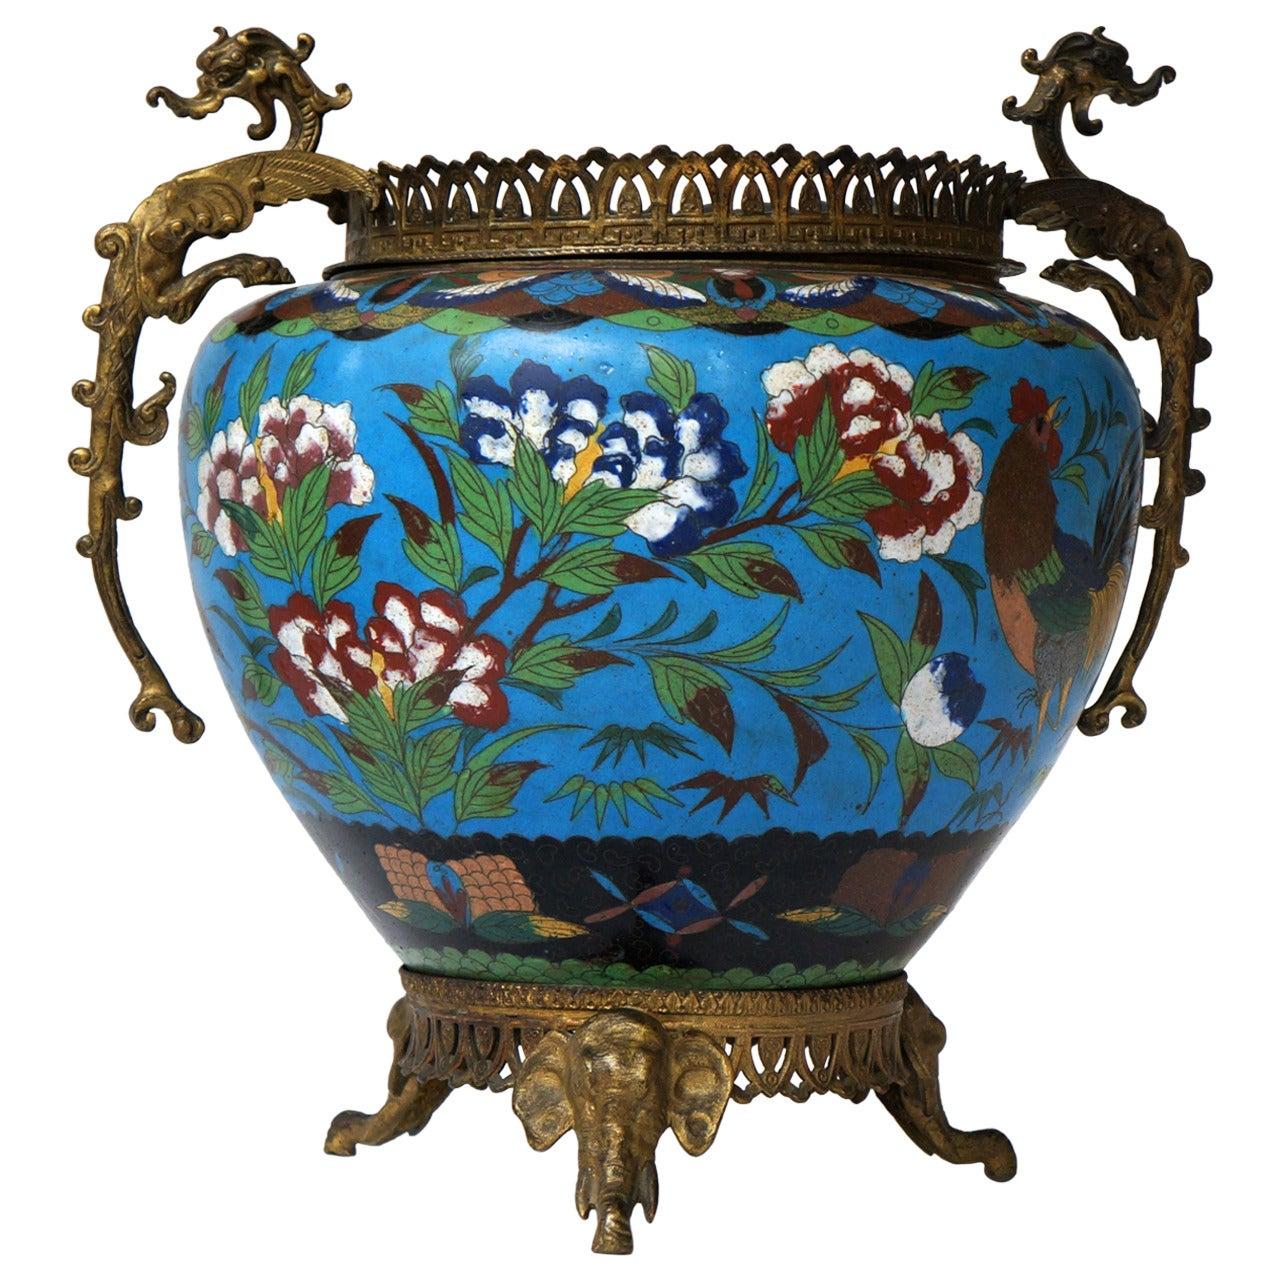 Large Chinese Cloisonné Jardinière or Planter Pot